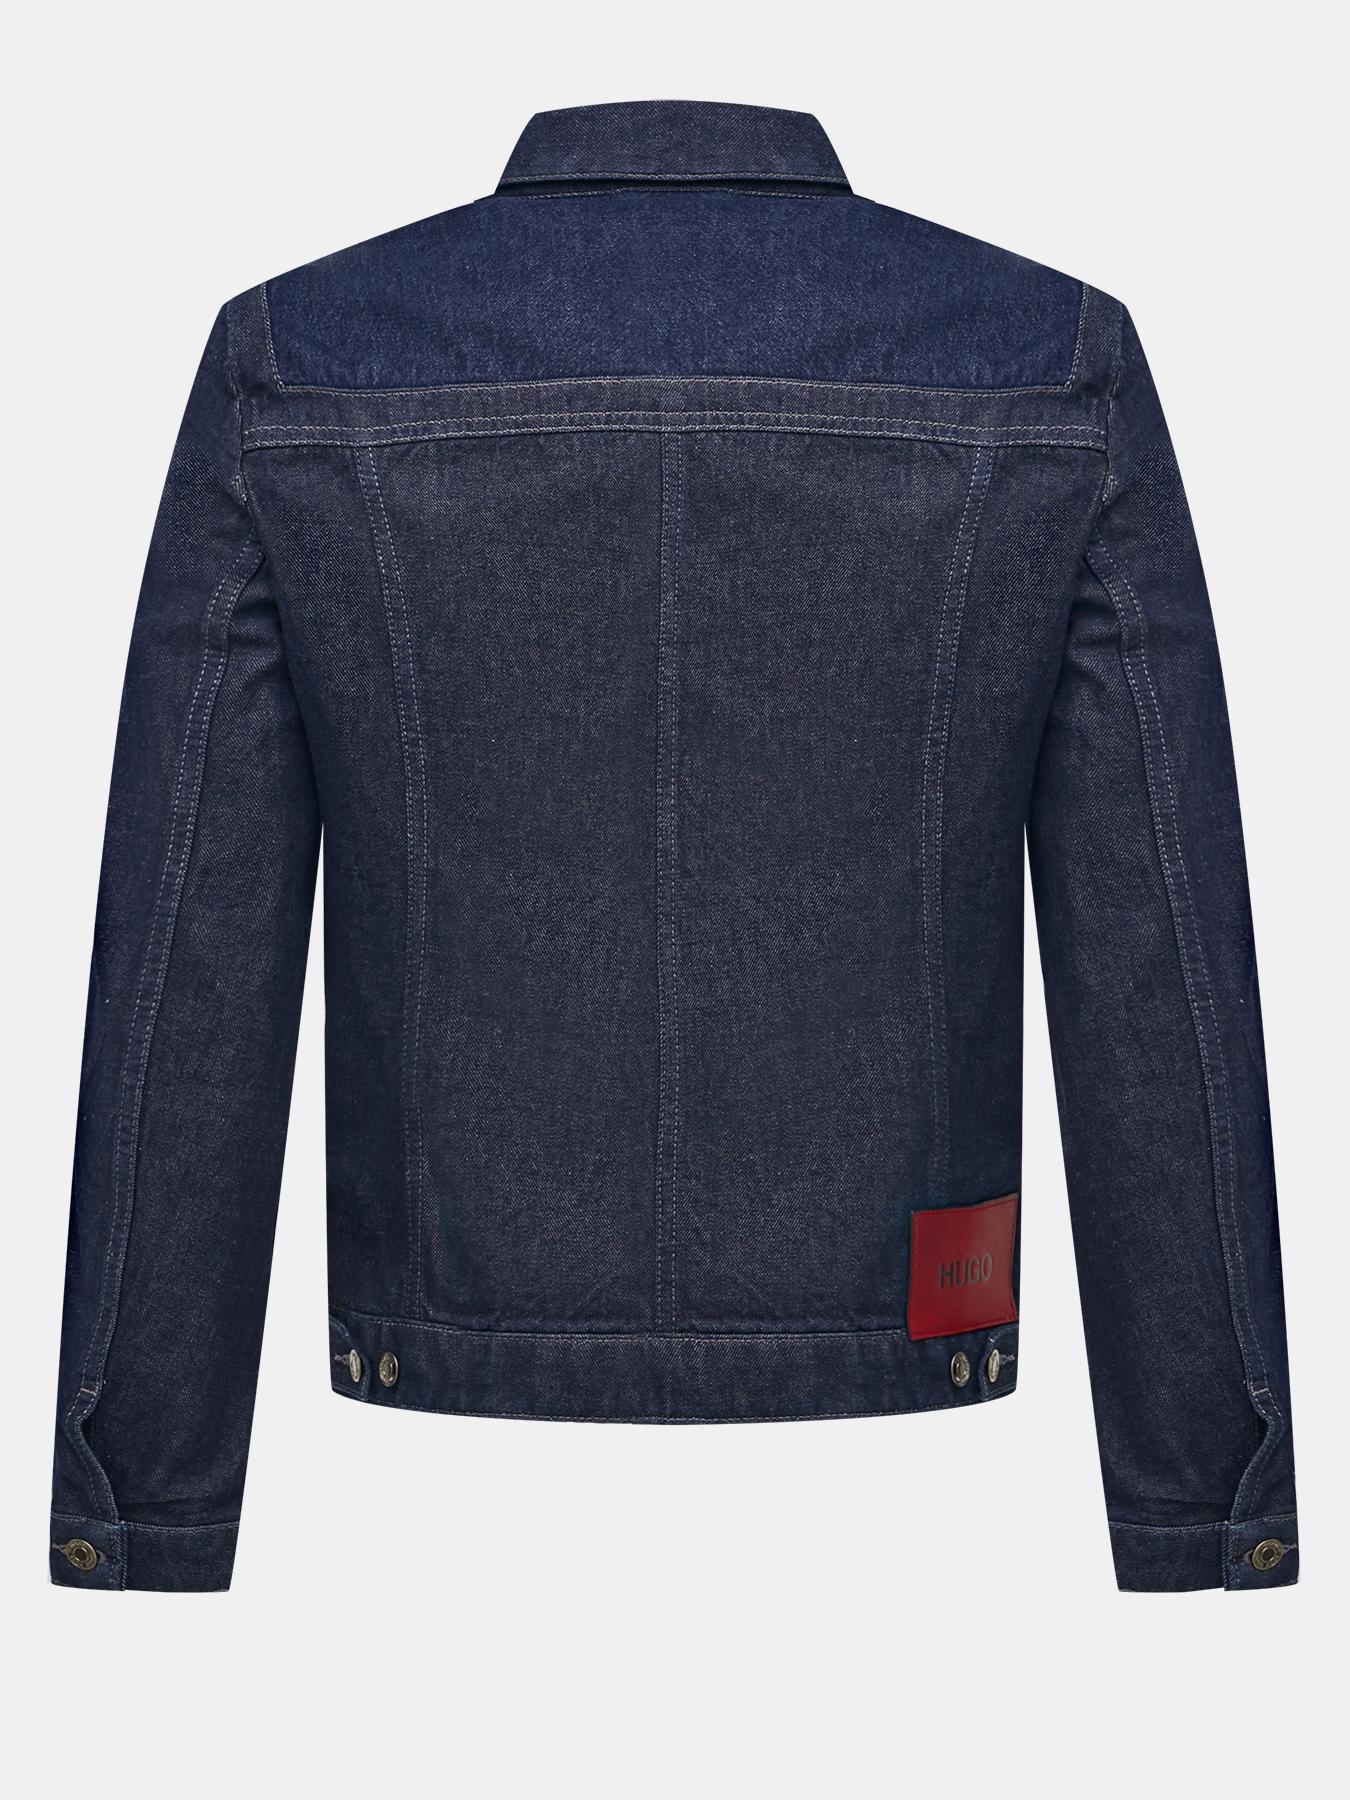 Куртка HUGO Куртка HUGO куртка джинсовая hugo hugo hu286ewfdpq3